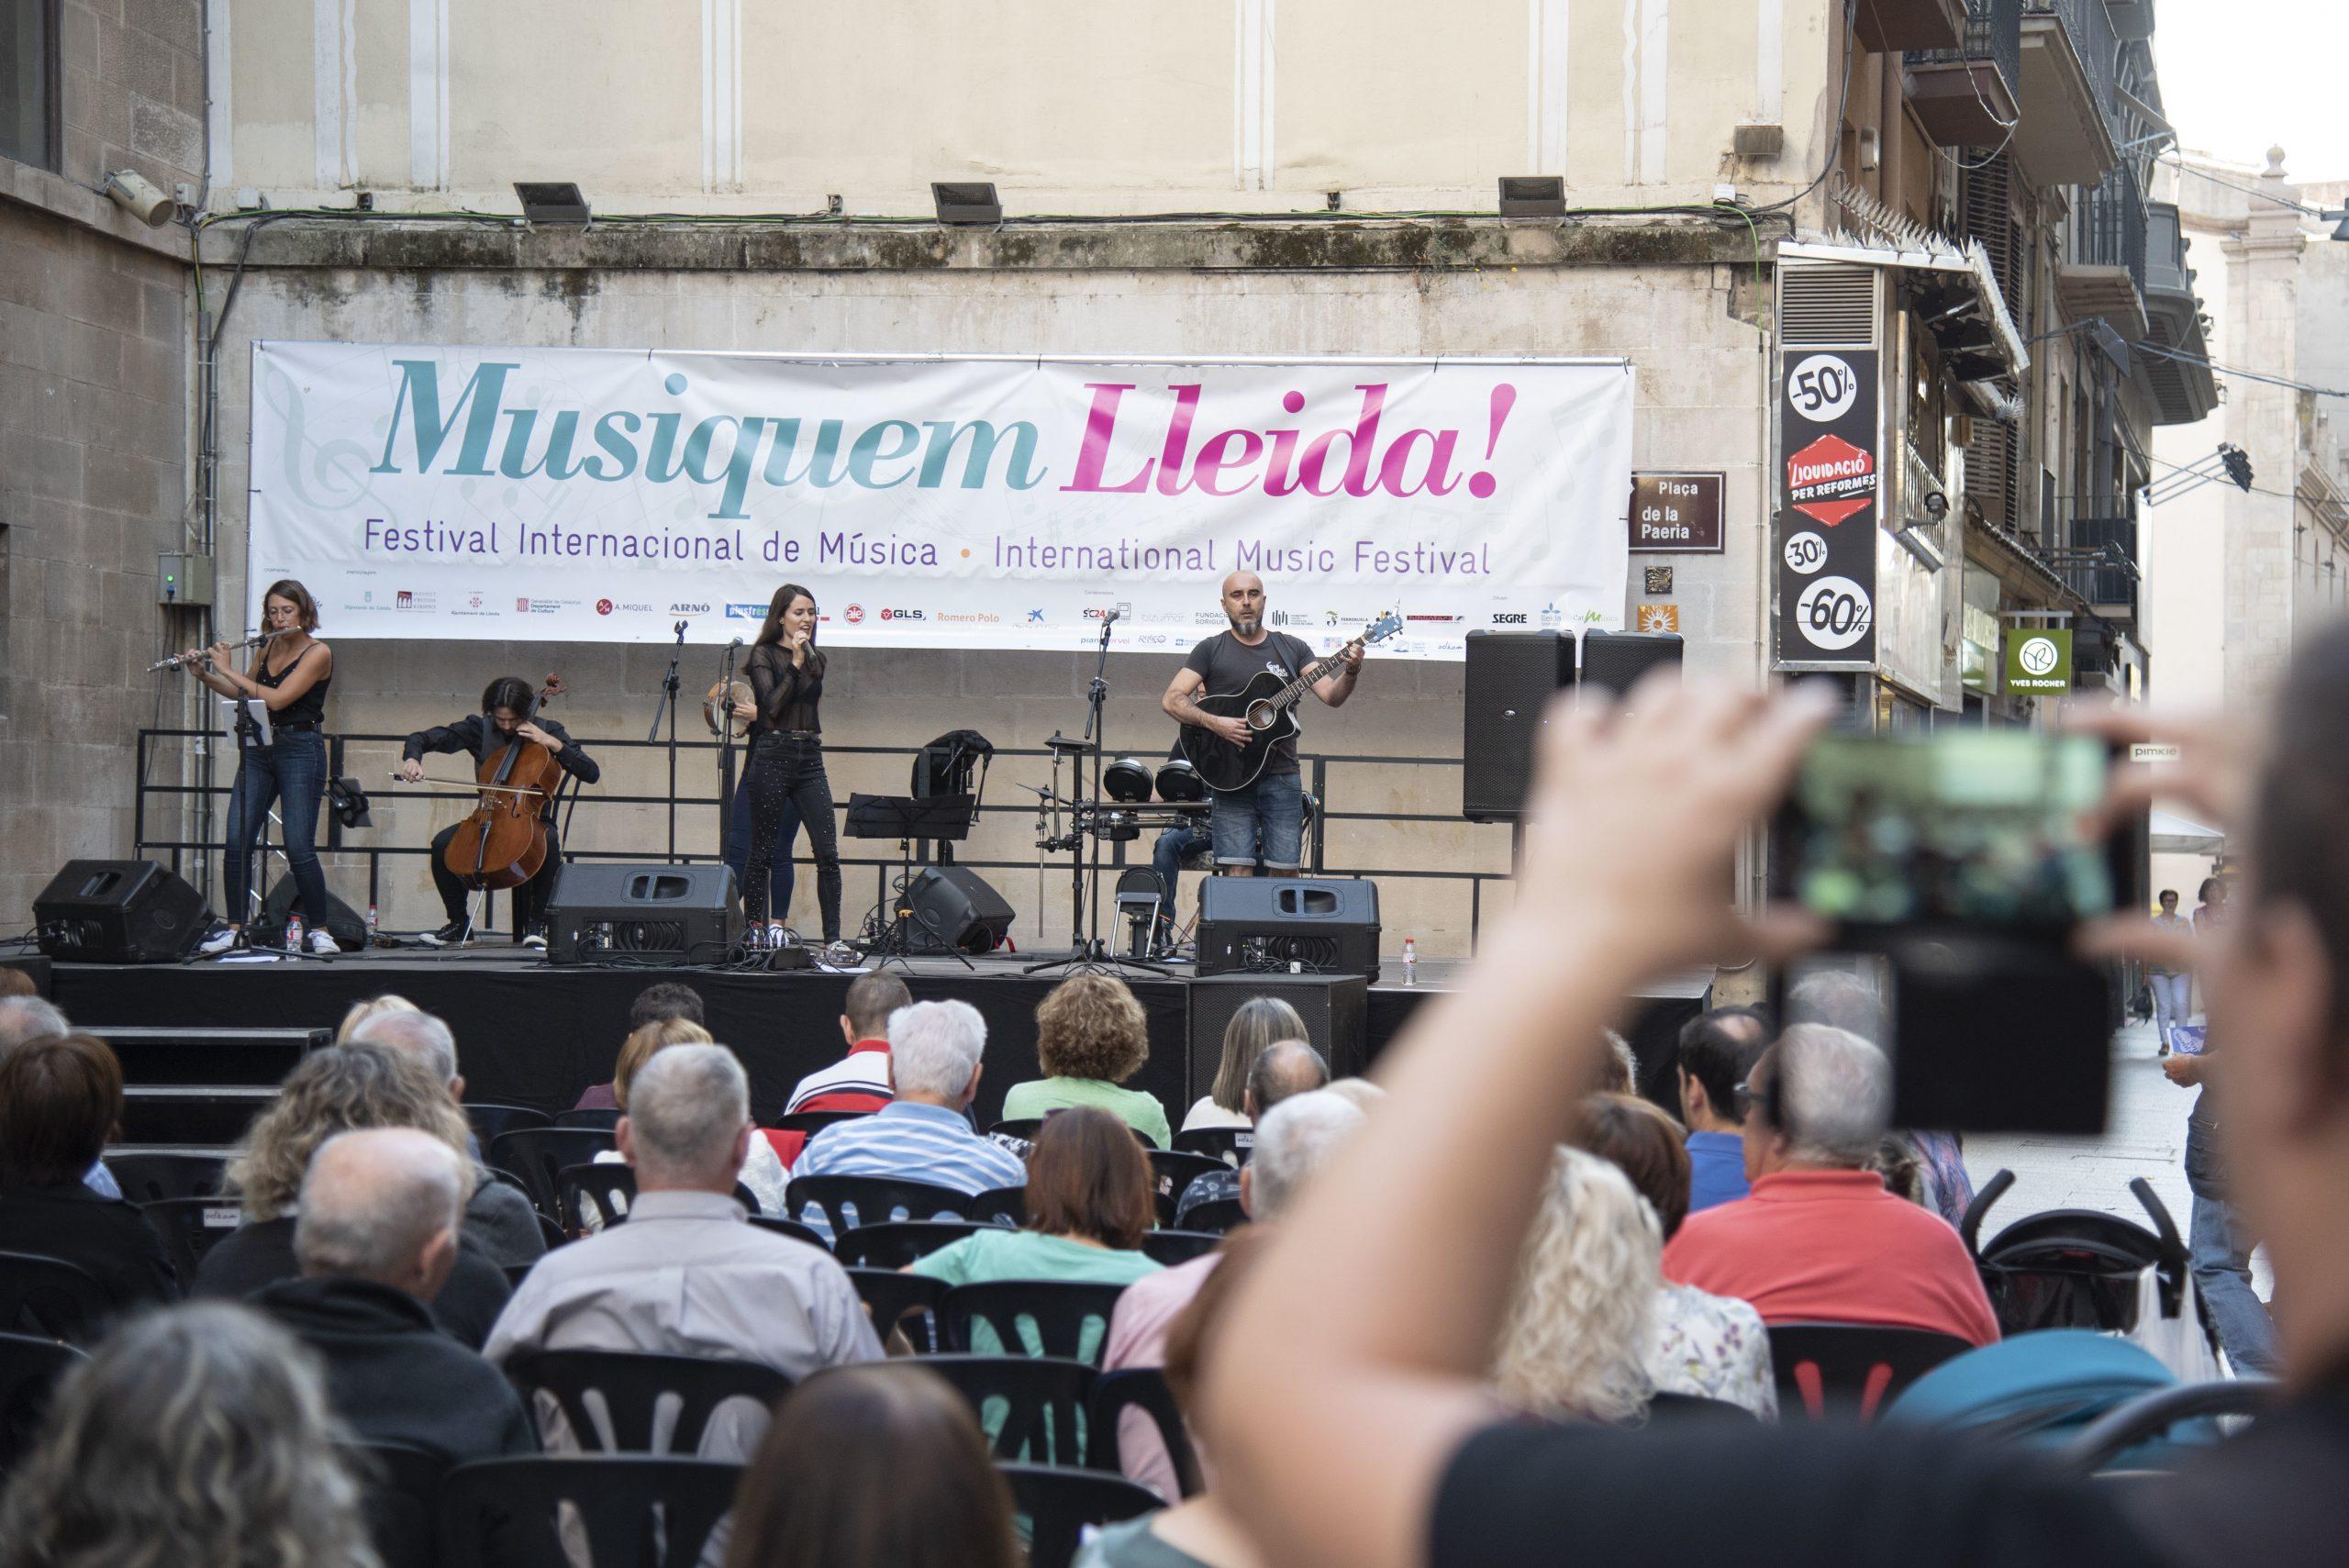 El festival 'Delicatessen Musiquem Lleida!' arriba aquest cap de setmana a la capital del Segrià amb vuit actuacions en tres espais de la ciutat